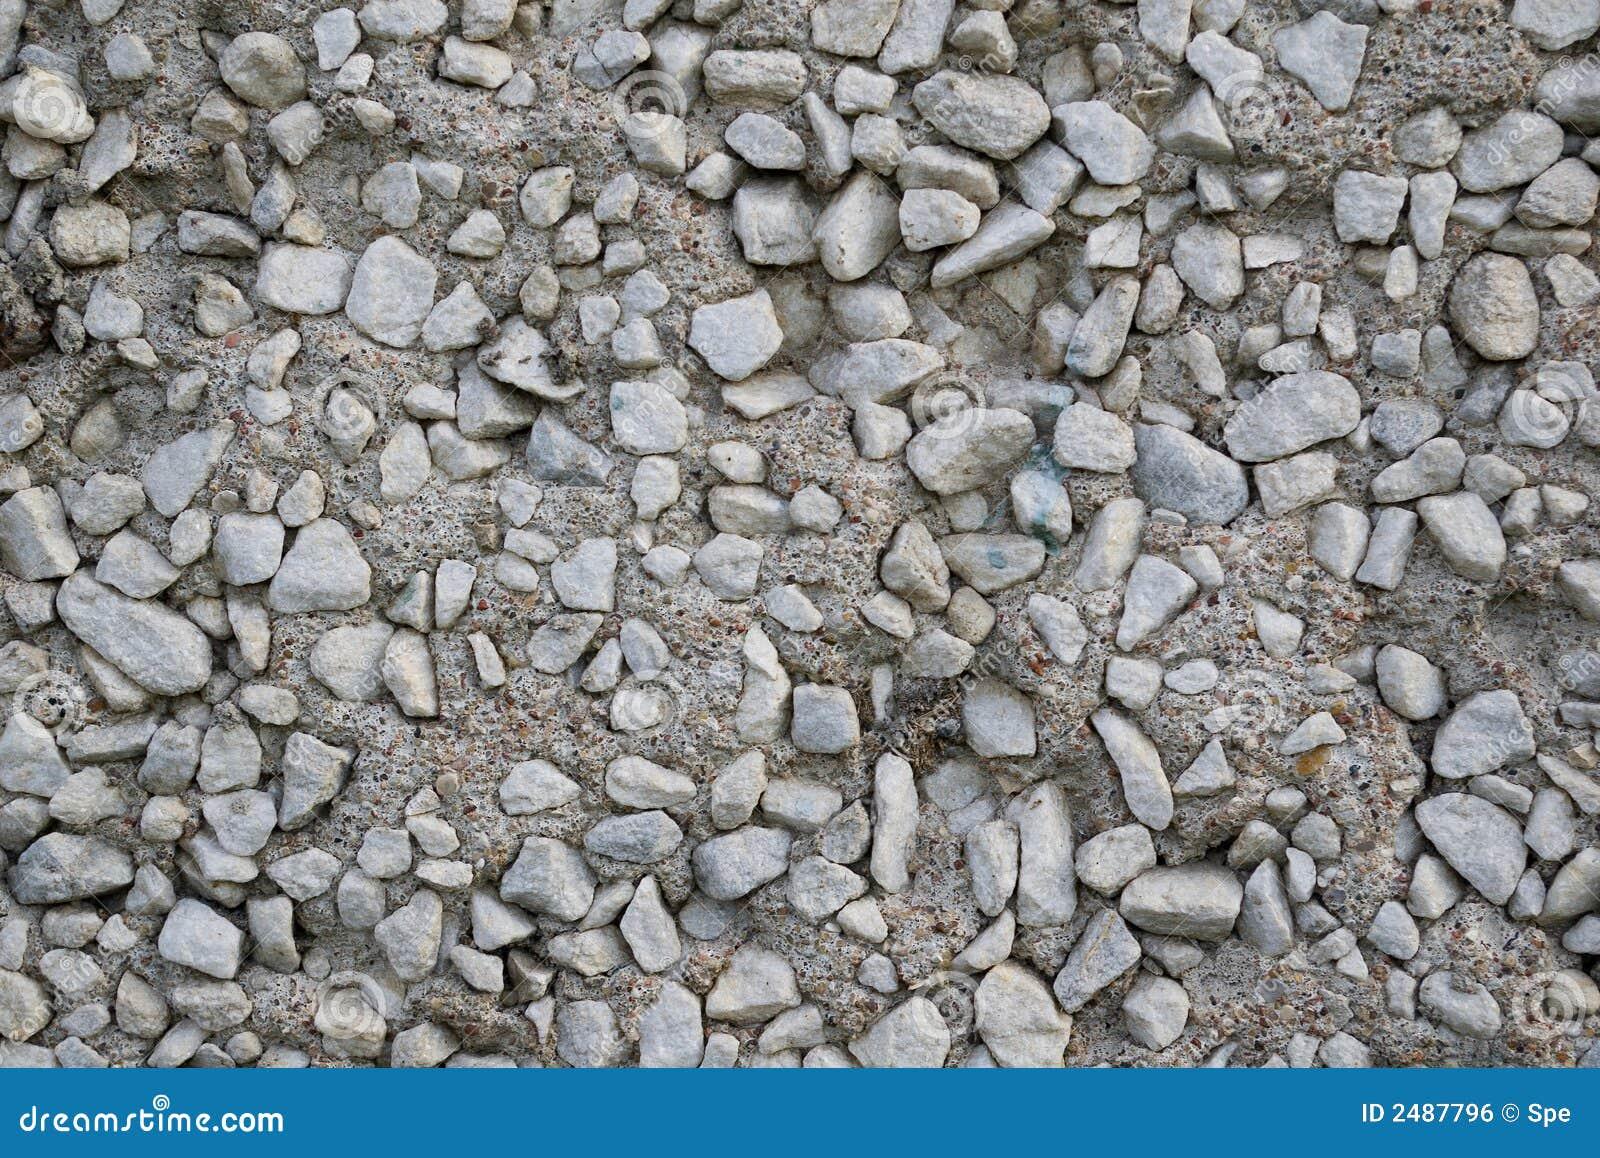 Rough concrete texture stock photo image of macro part for Rough cement texture